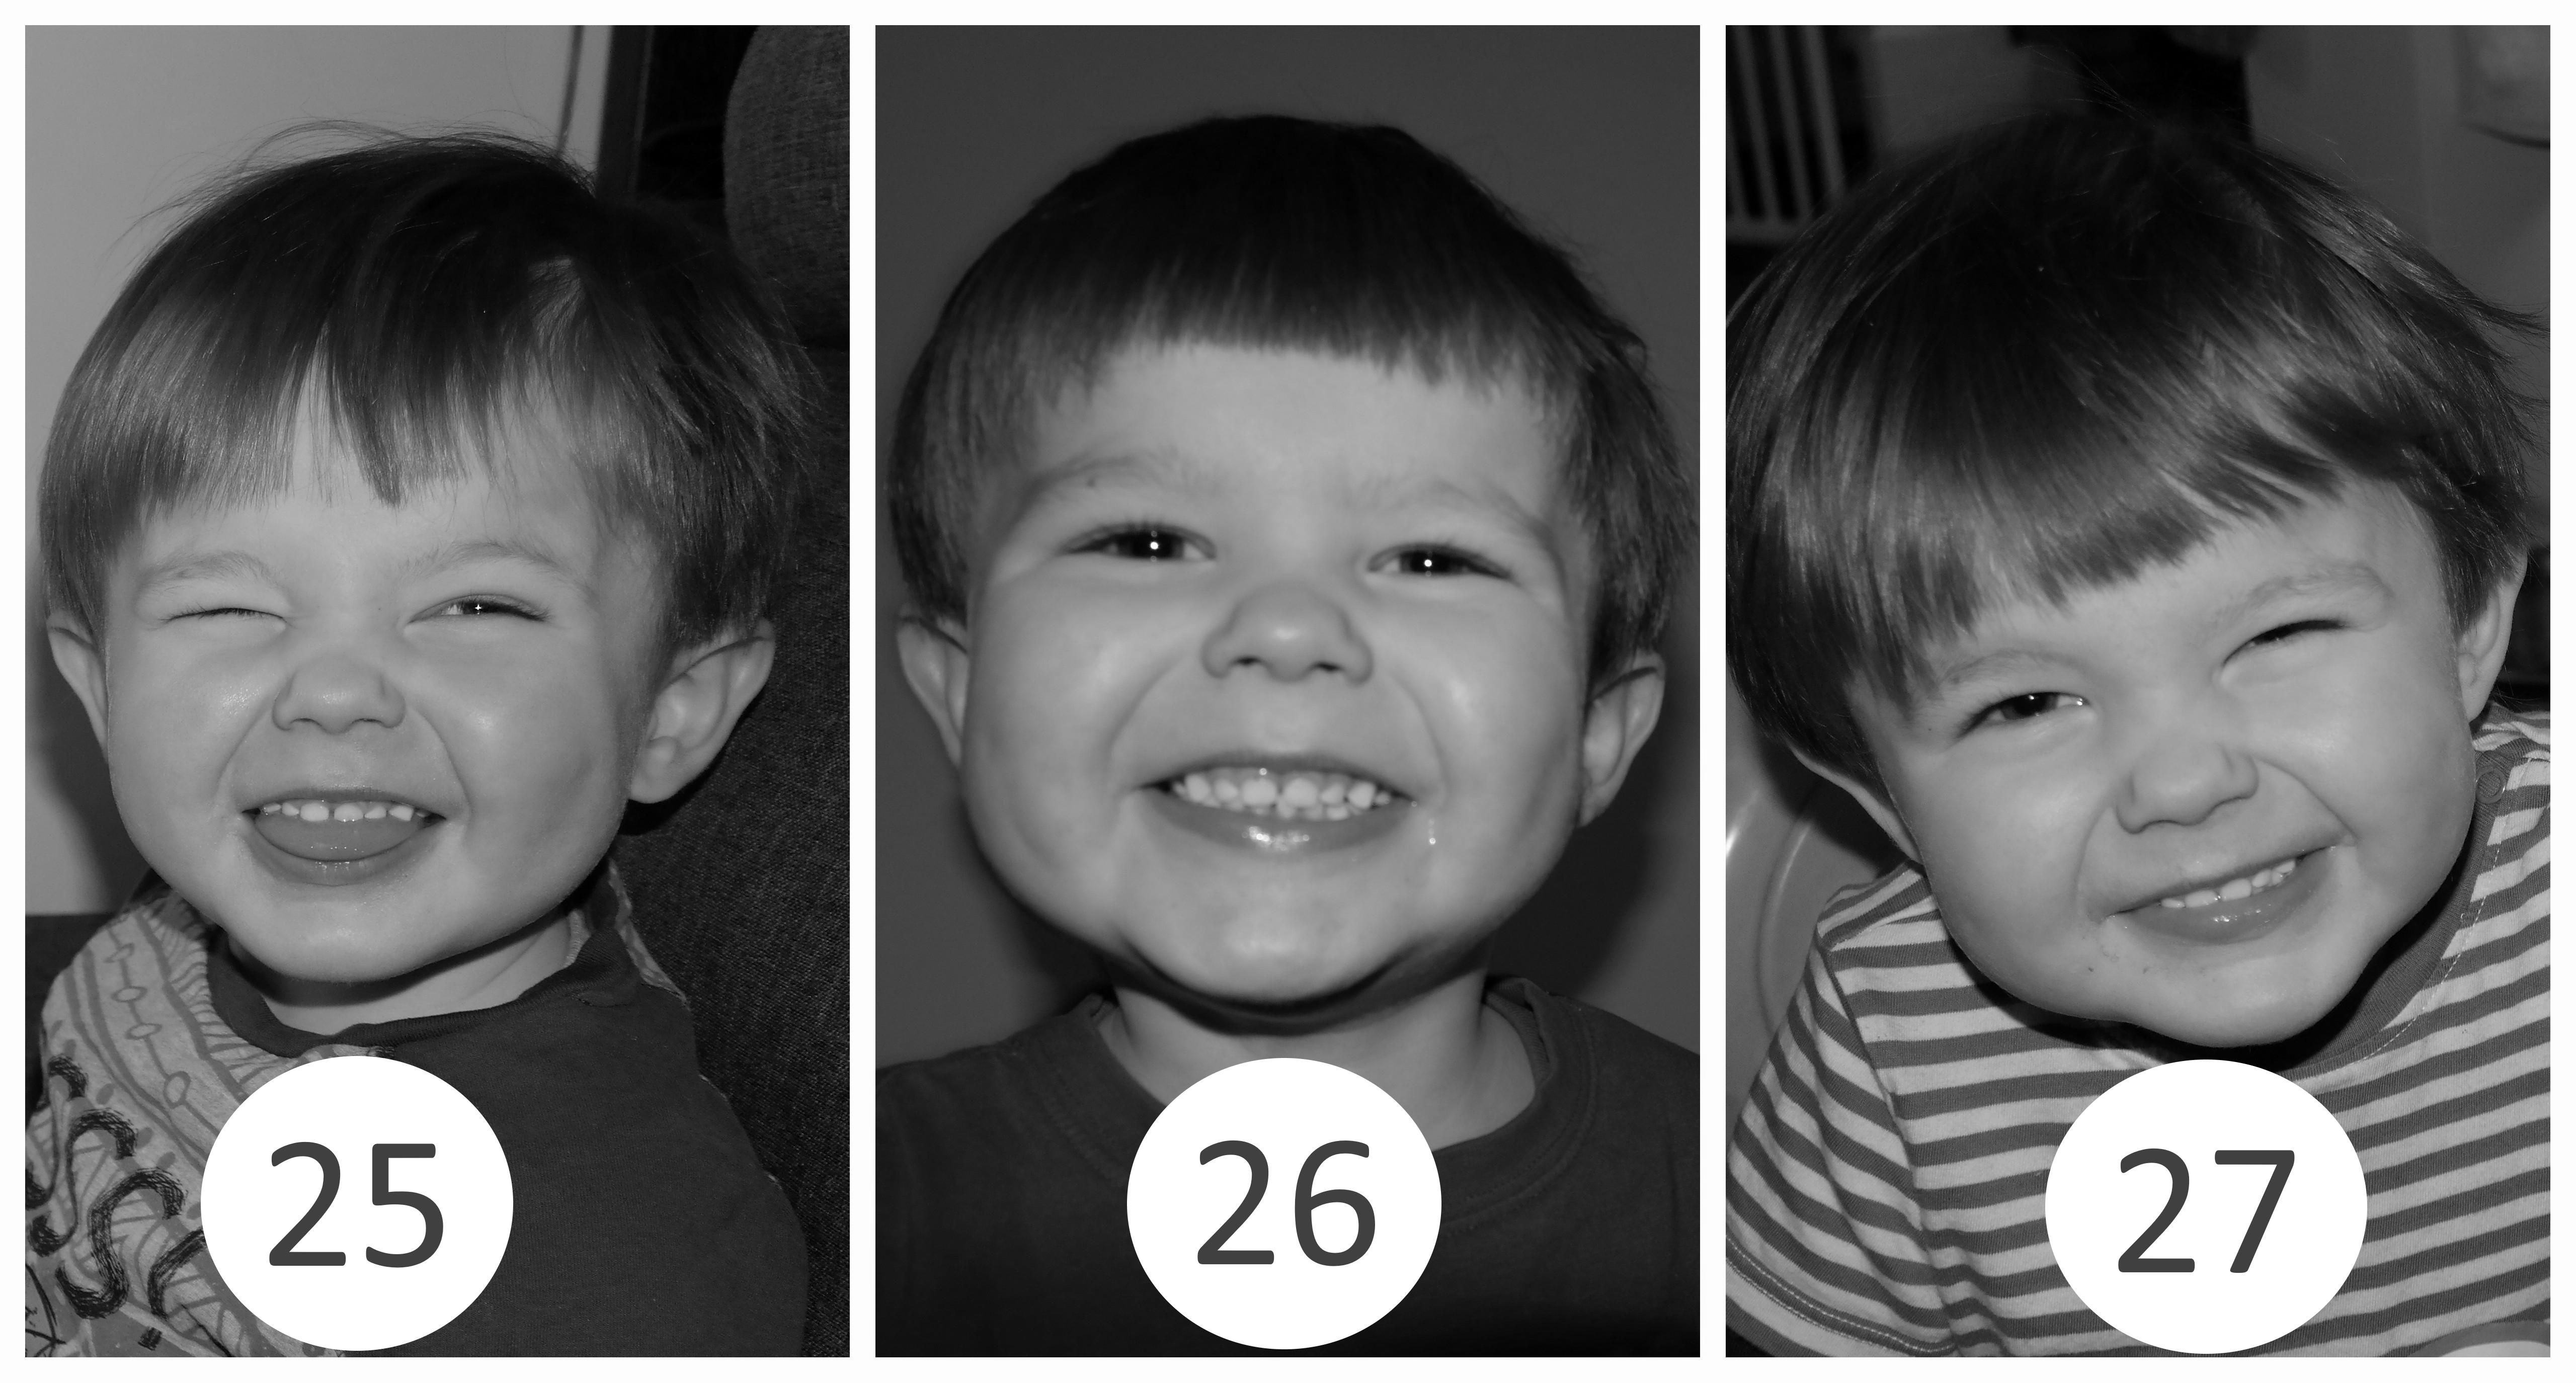 25 – 27 miesiąc życia dziecka.